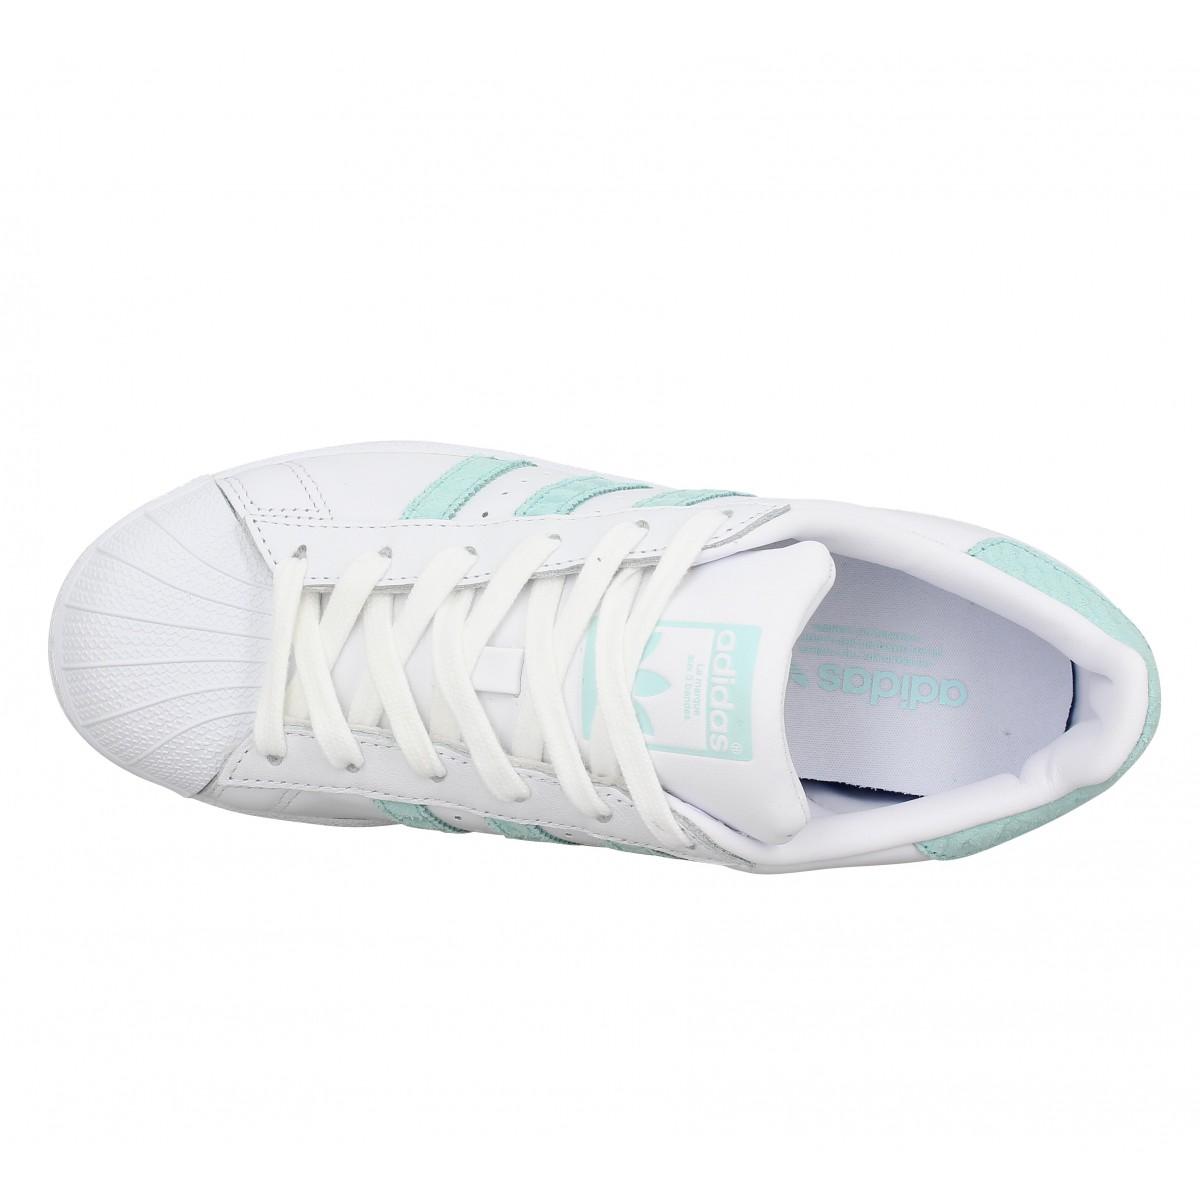 Chaussures Adidas superstar cuir femme blc vert femme